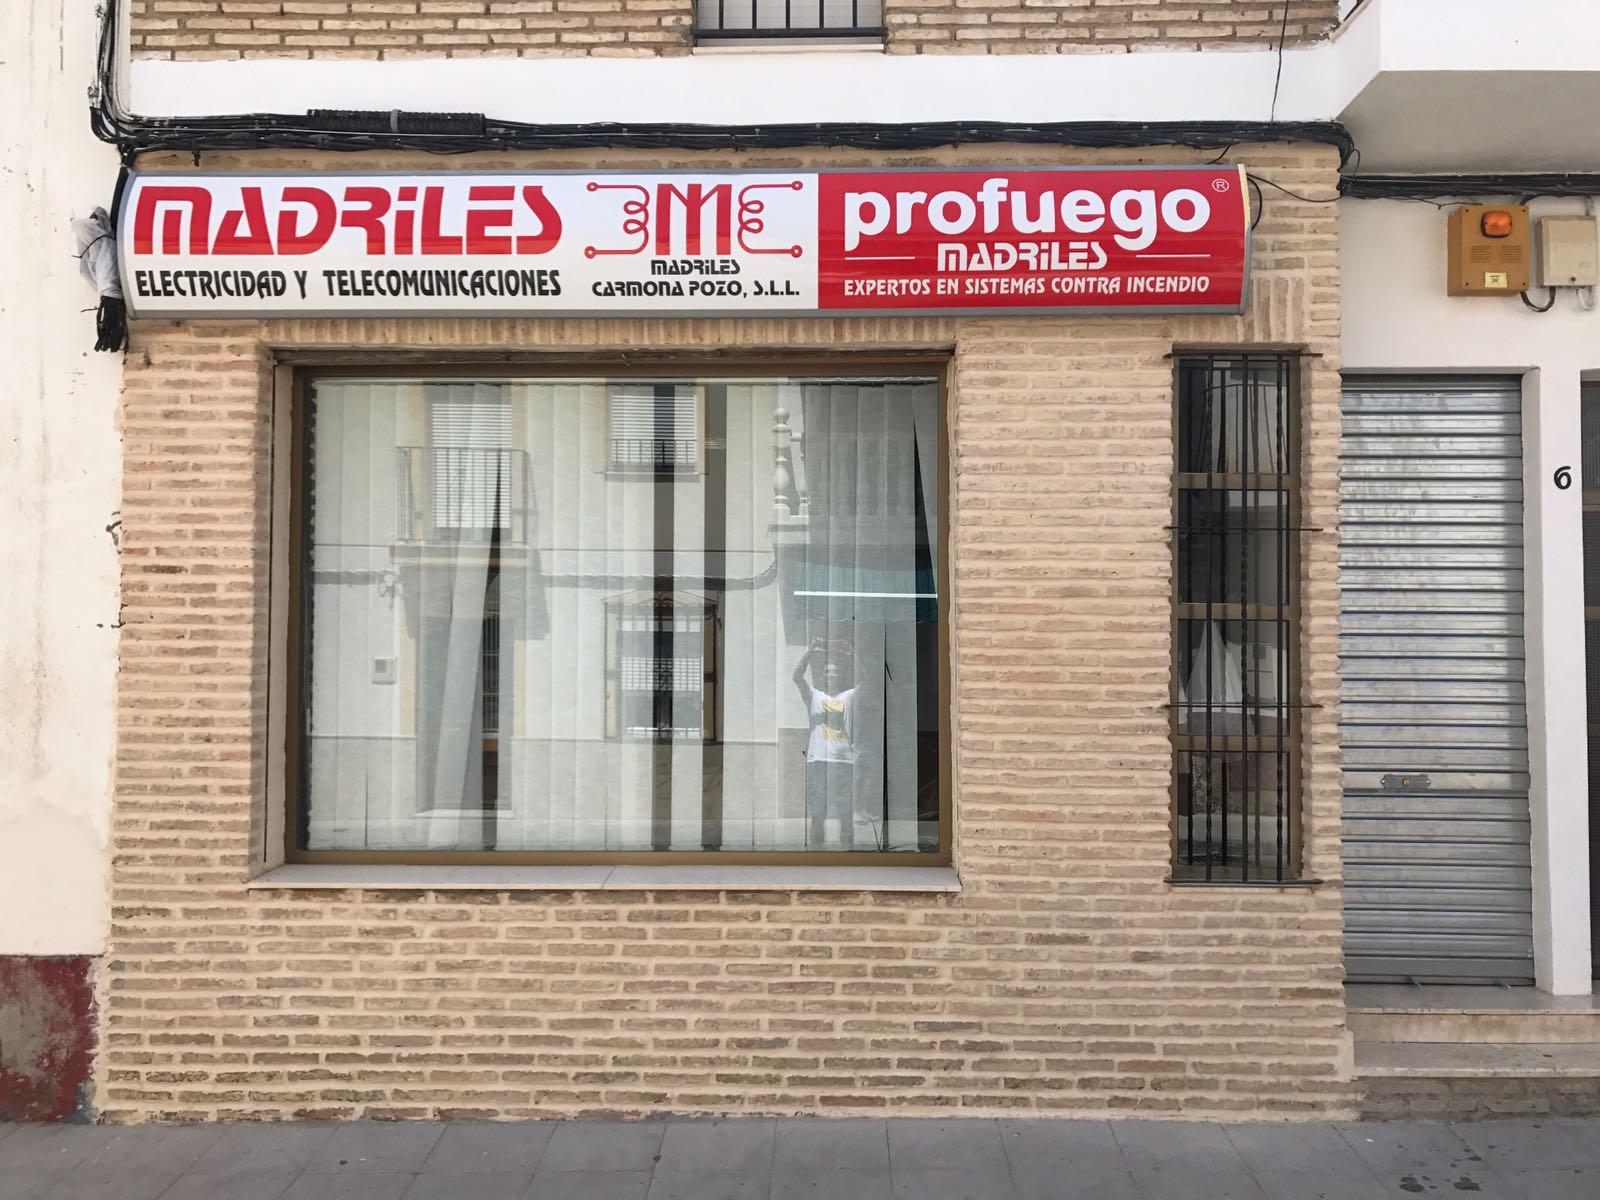 Extintores Córdoba. Comprar Extintores en Córdoba. 2